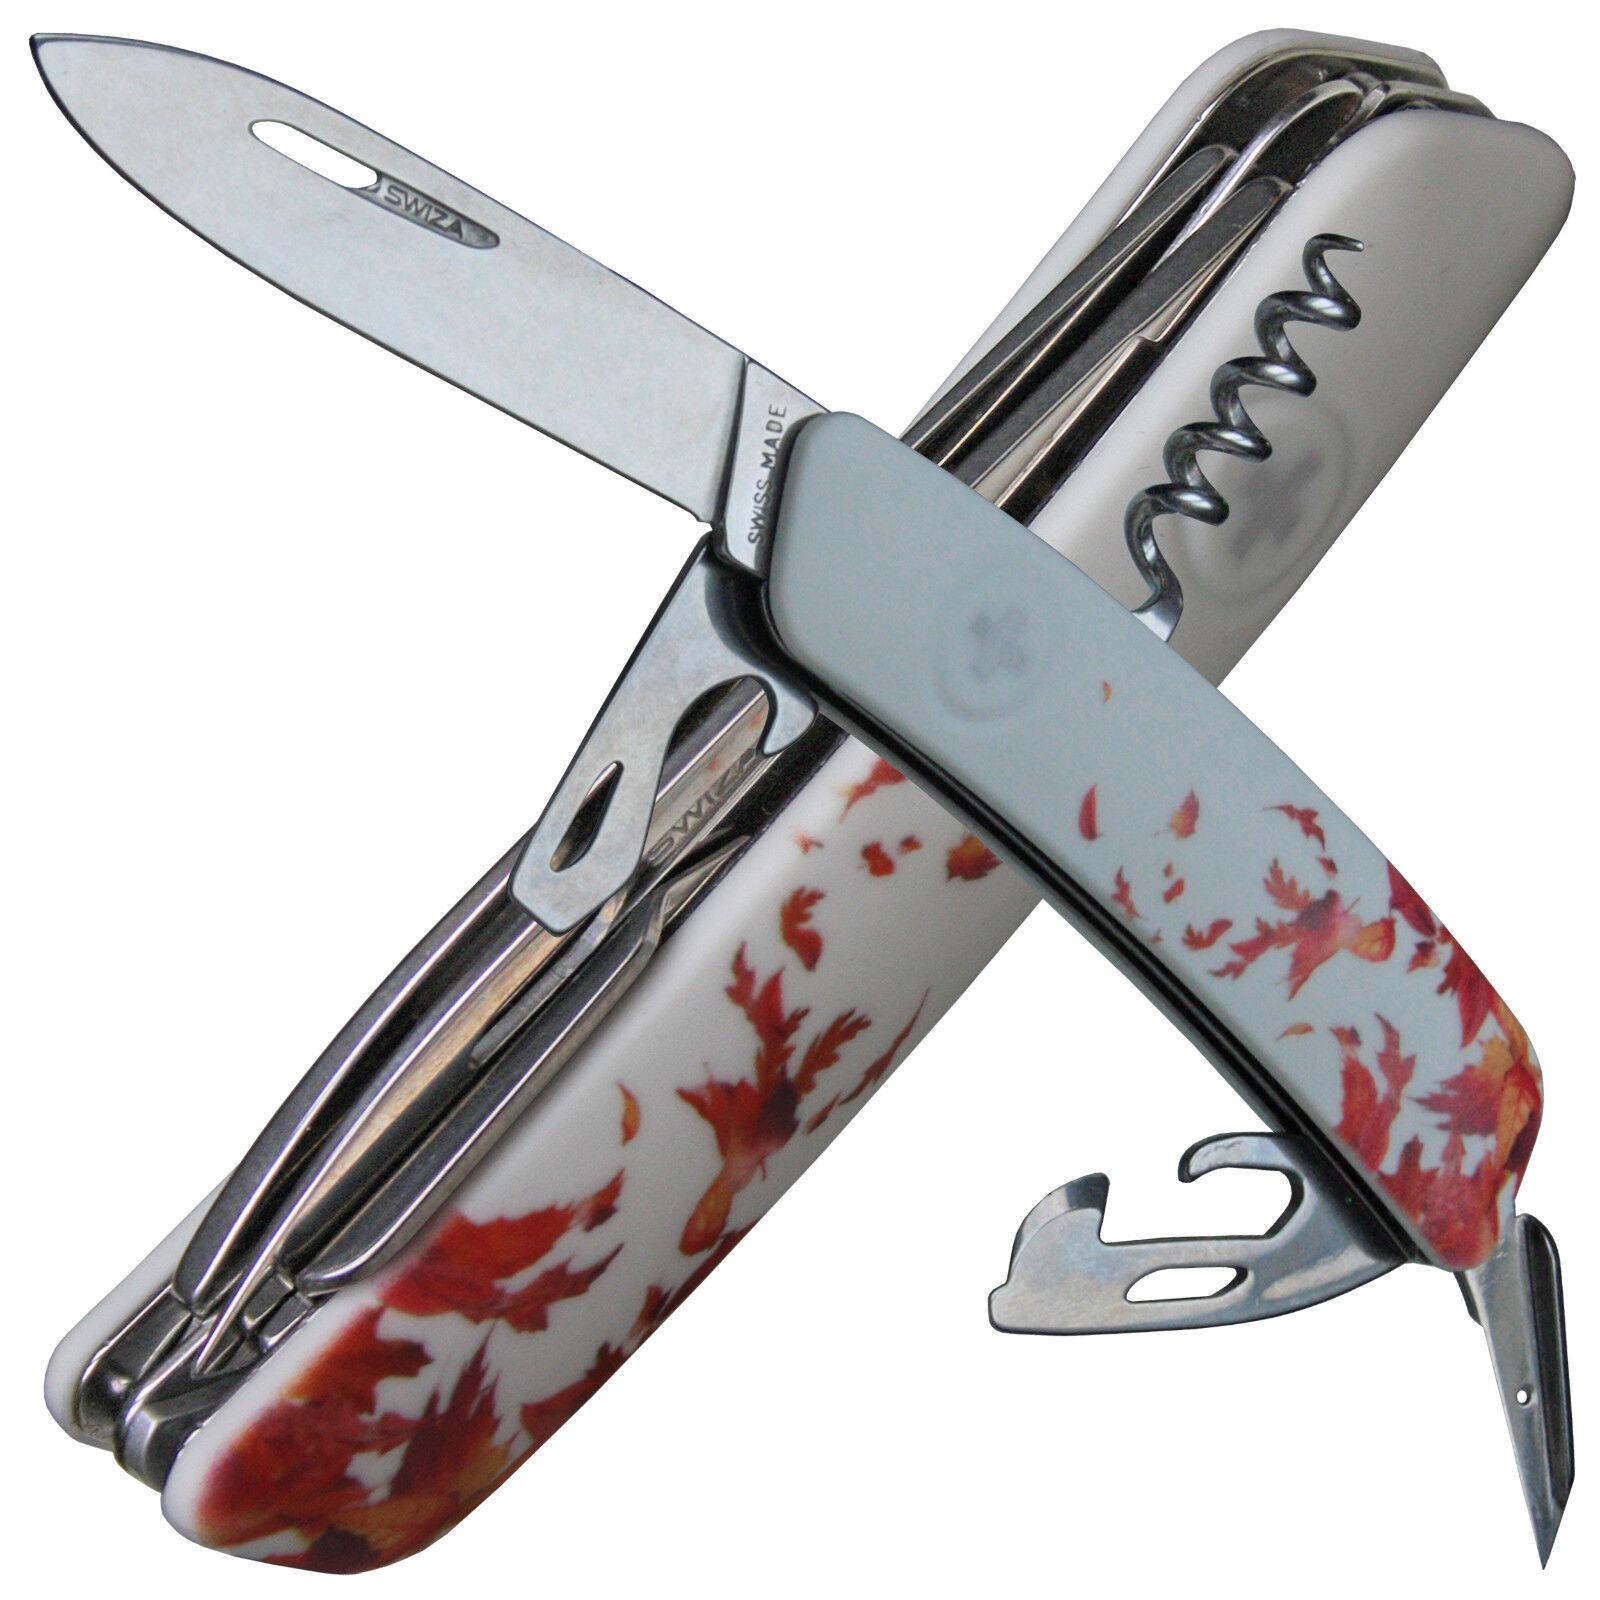 SWIZA Schweizer Messer weisse Anti-Rutsch-Schalen Herbst-Design 11 Funktionen